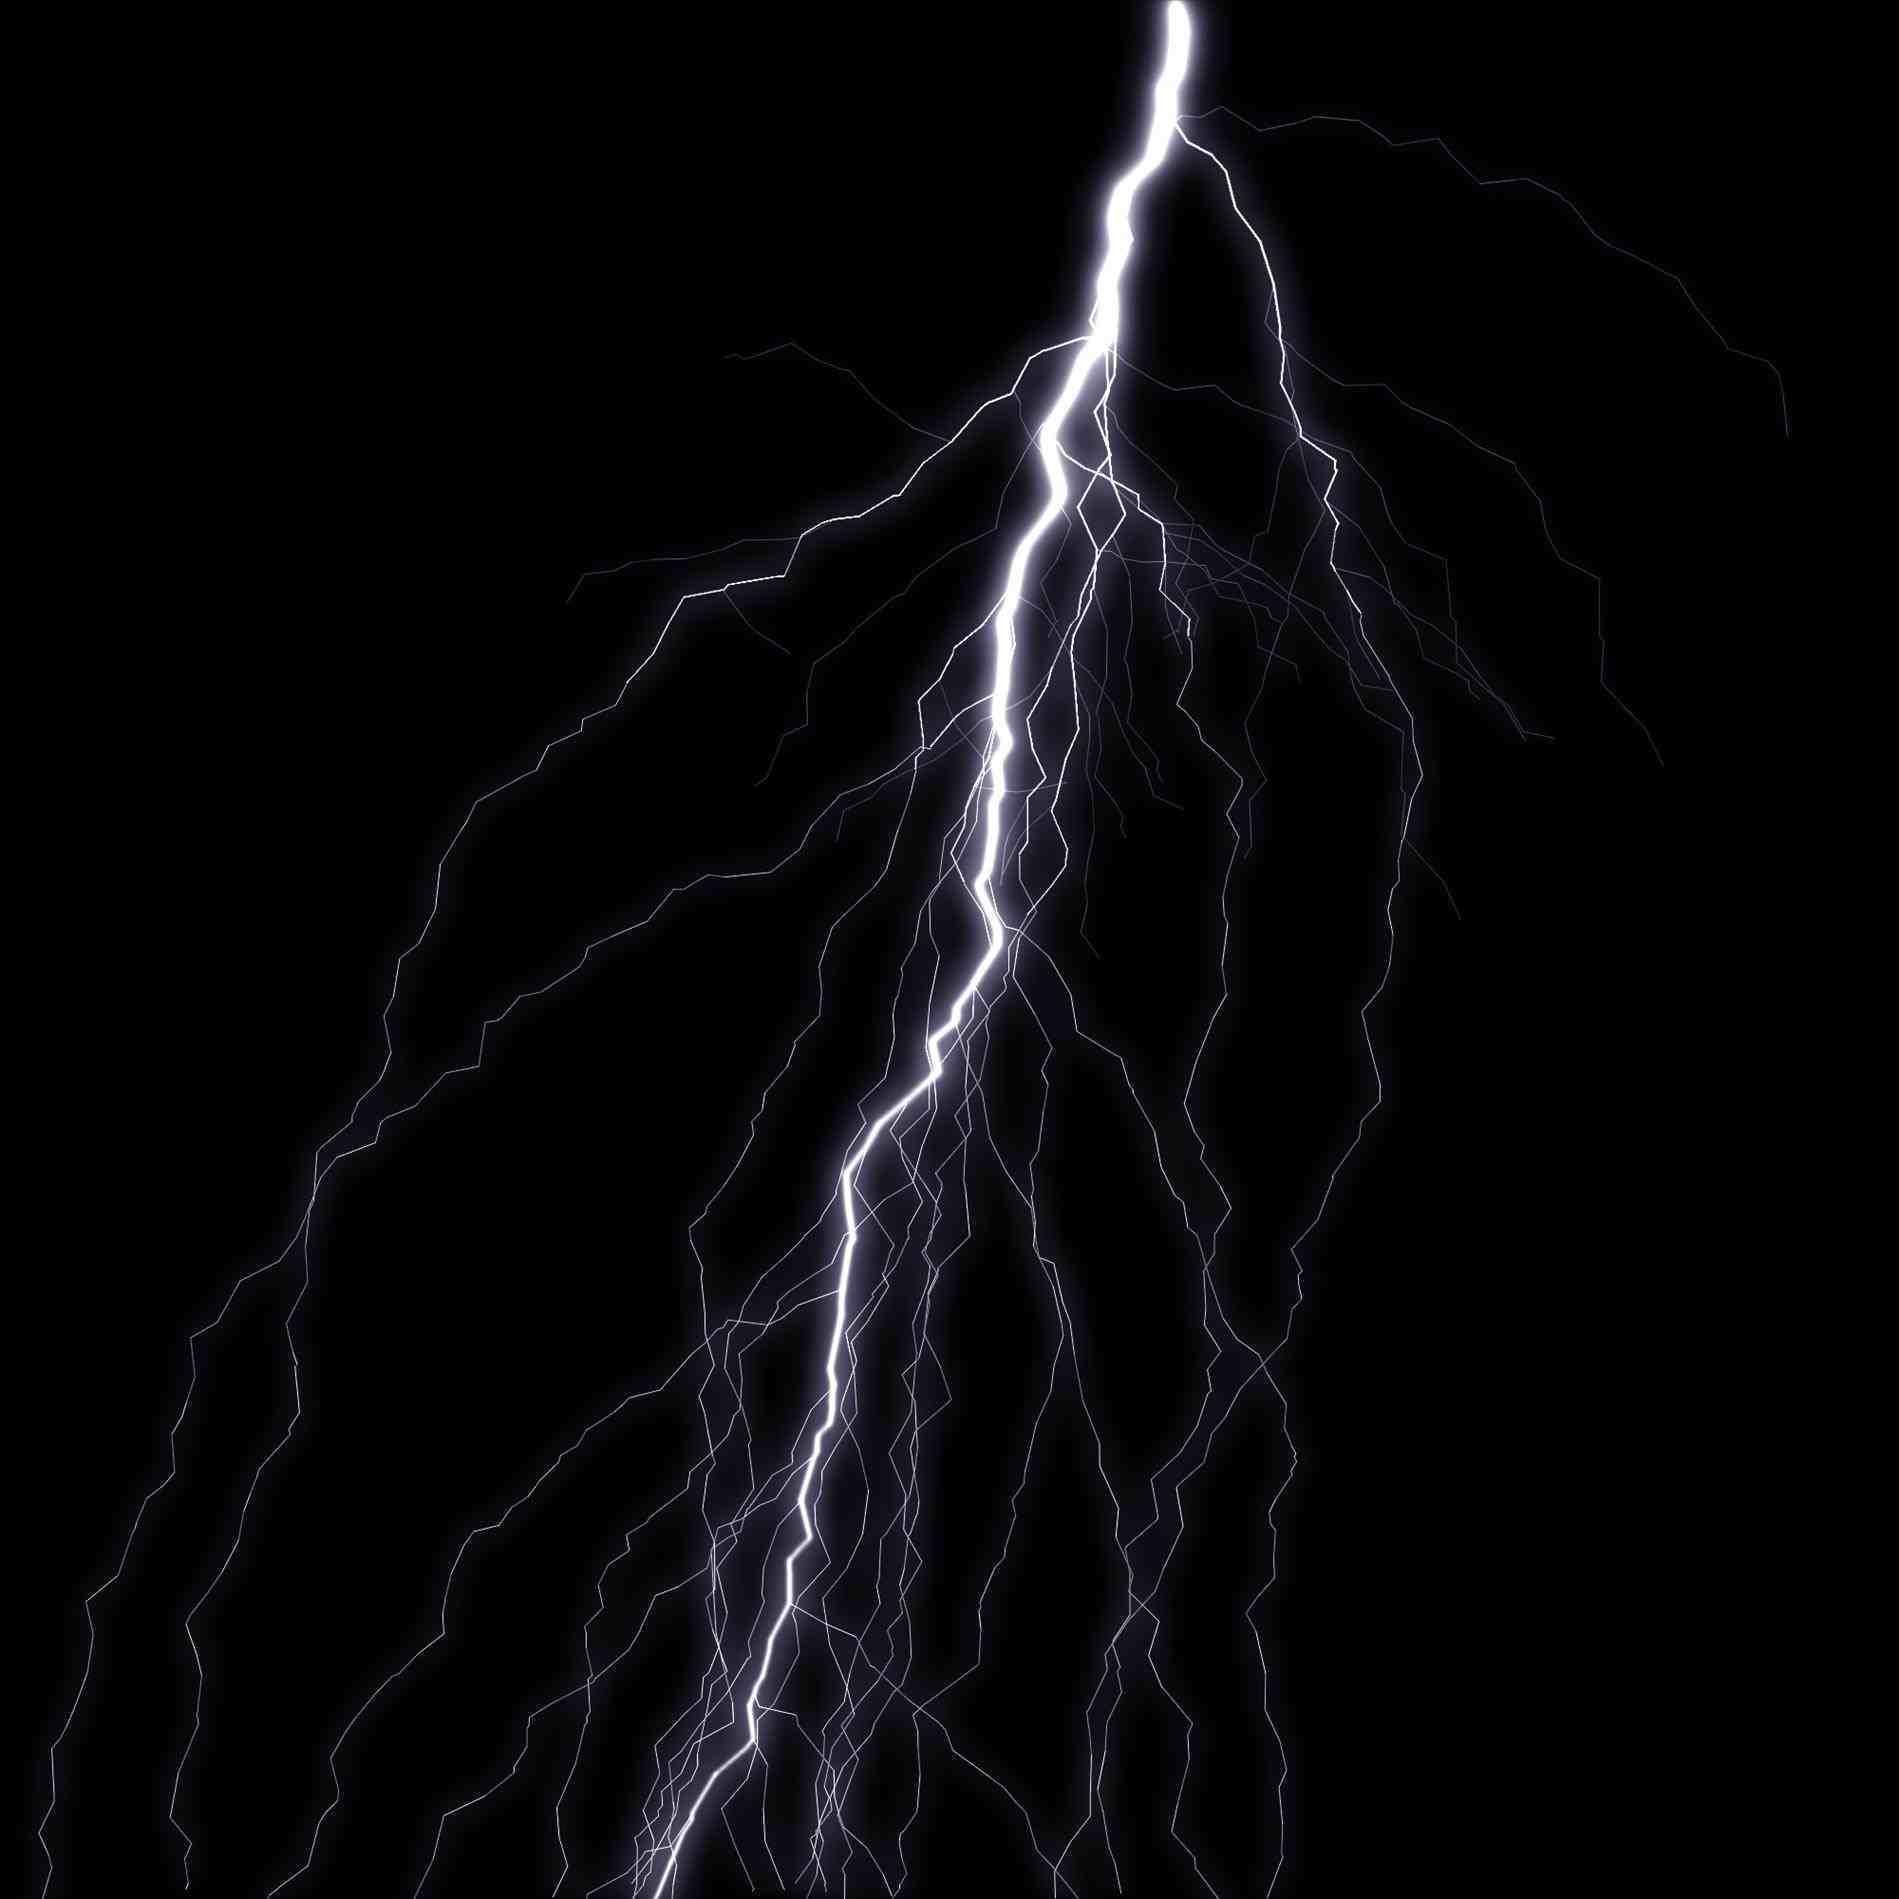 Lightning Bolt Wallpapers.